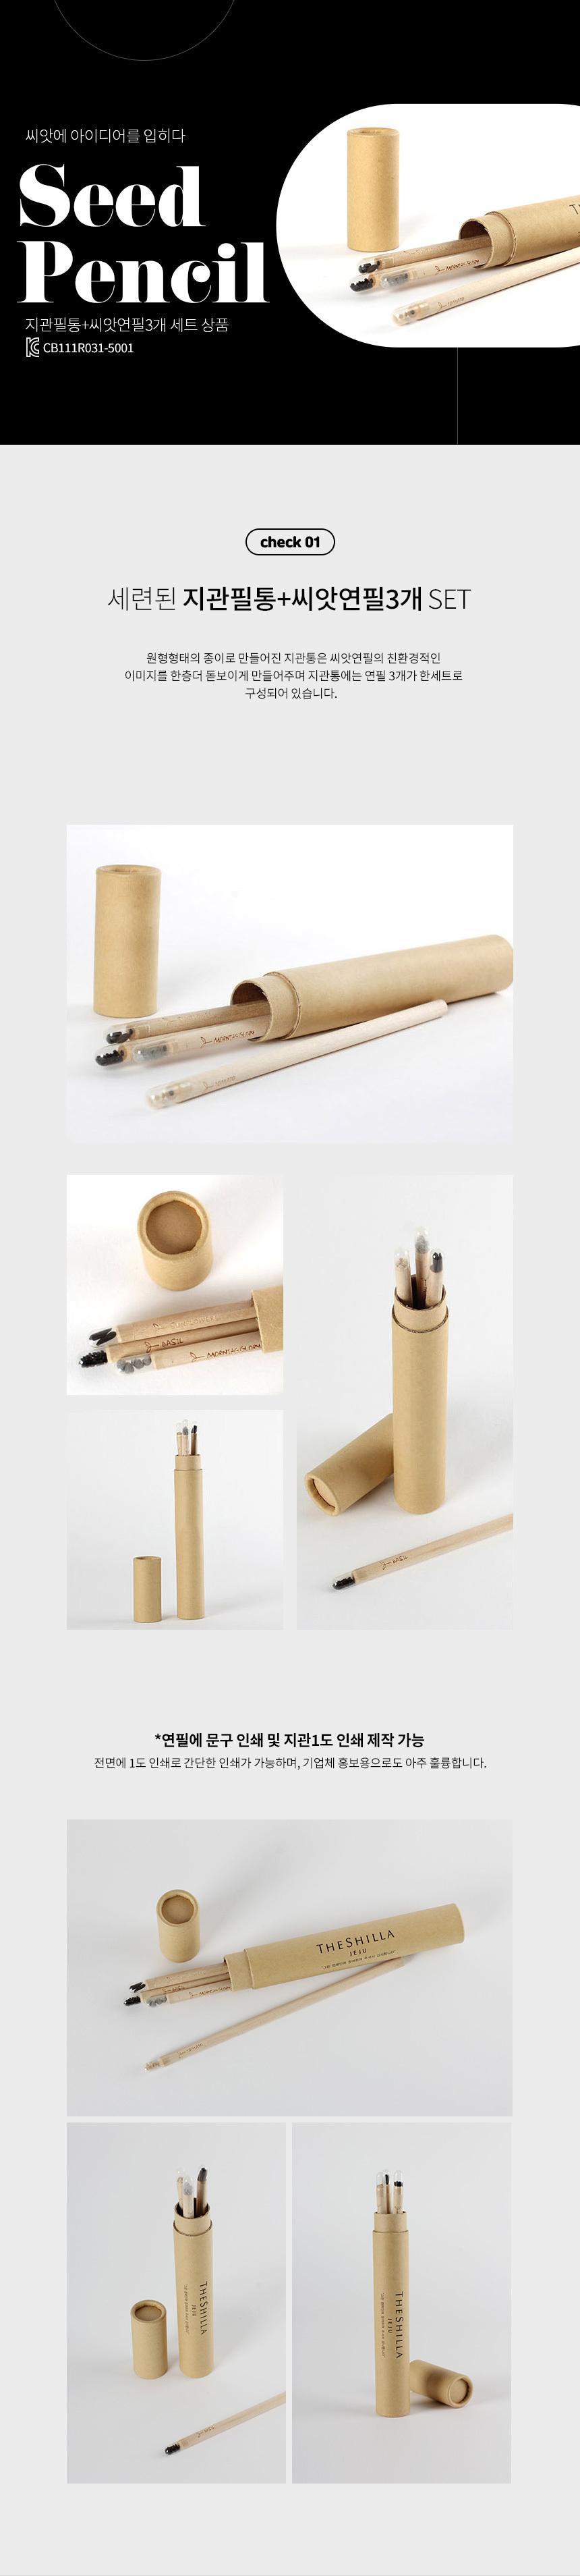 세련된 지관필통 + 재미있는 씨앗연필3개가 한세트!5,000원-꿈쟁이플라워캔디자인문구, 필기류, 연필, 연필세트바보사랑세련된 지관필통 + 재미있는 씨앗연필3개가 한세트!5,000원-꿈쟁이플라워캔디자인문구, 필기류, 연필, 연필세트바보사랑